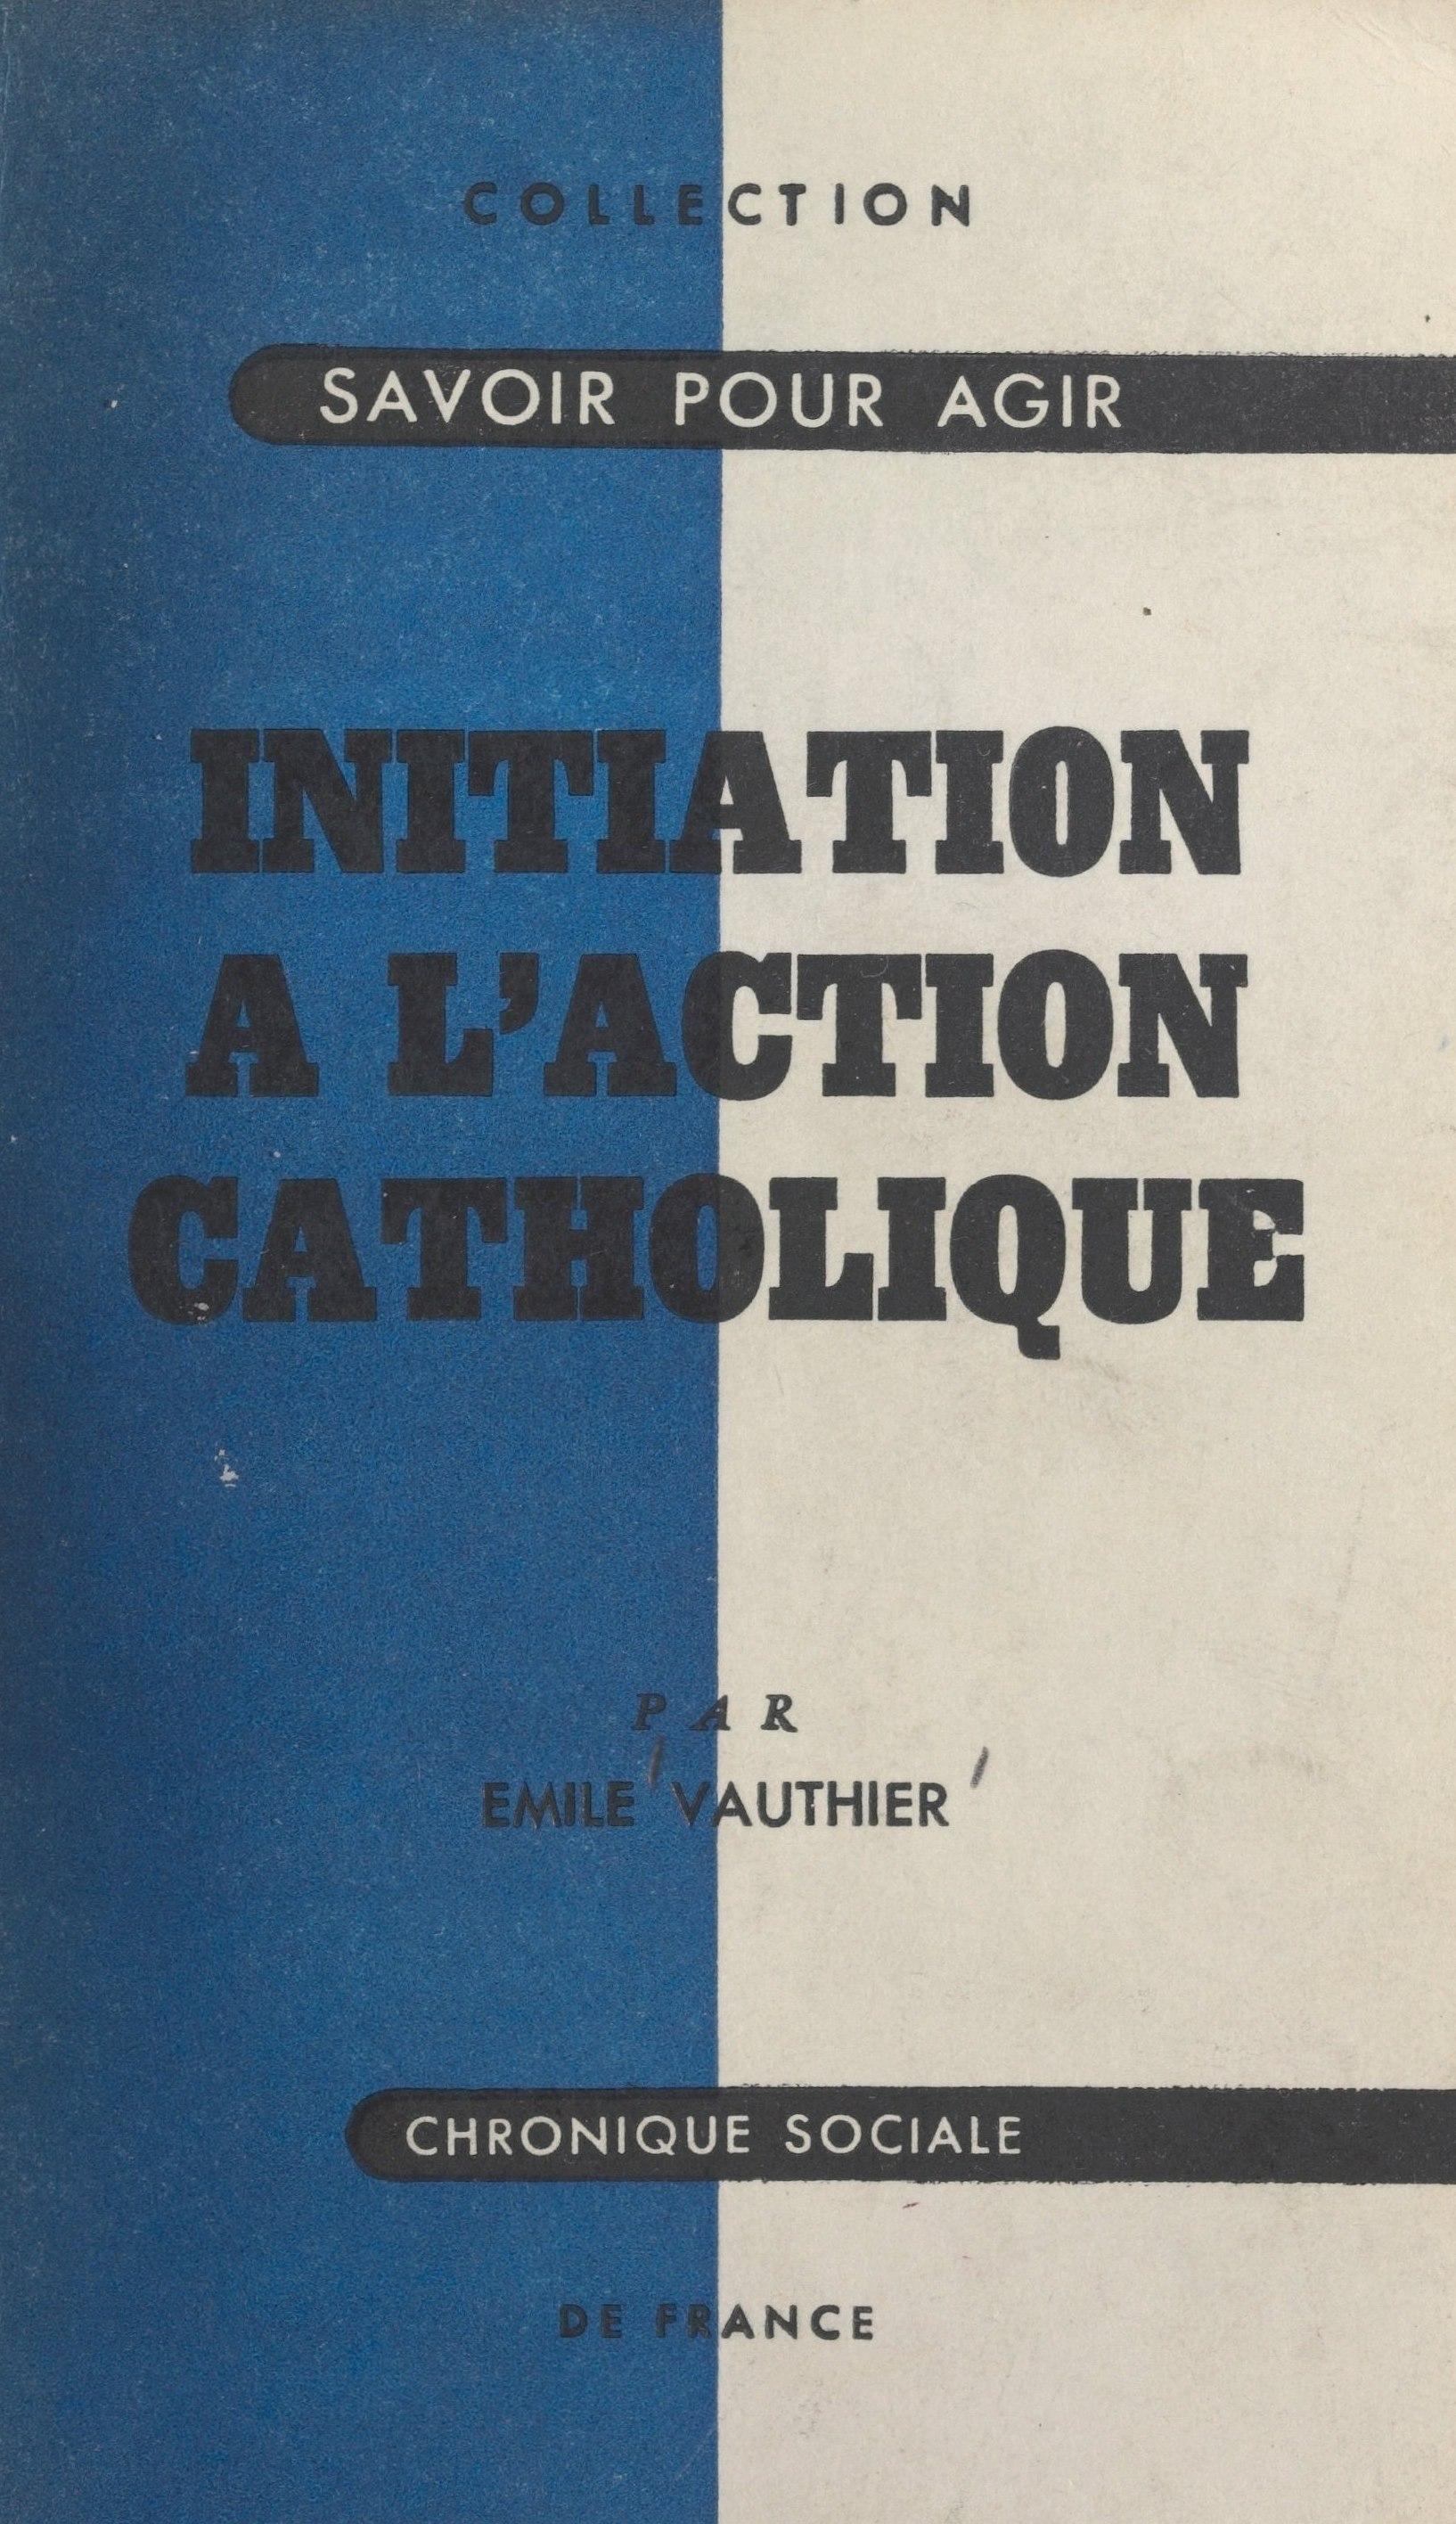 Initiation à l'action catho...